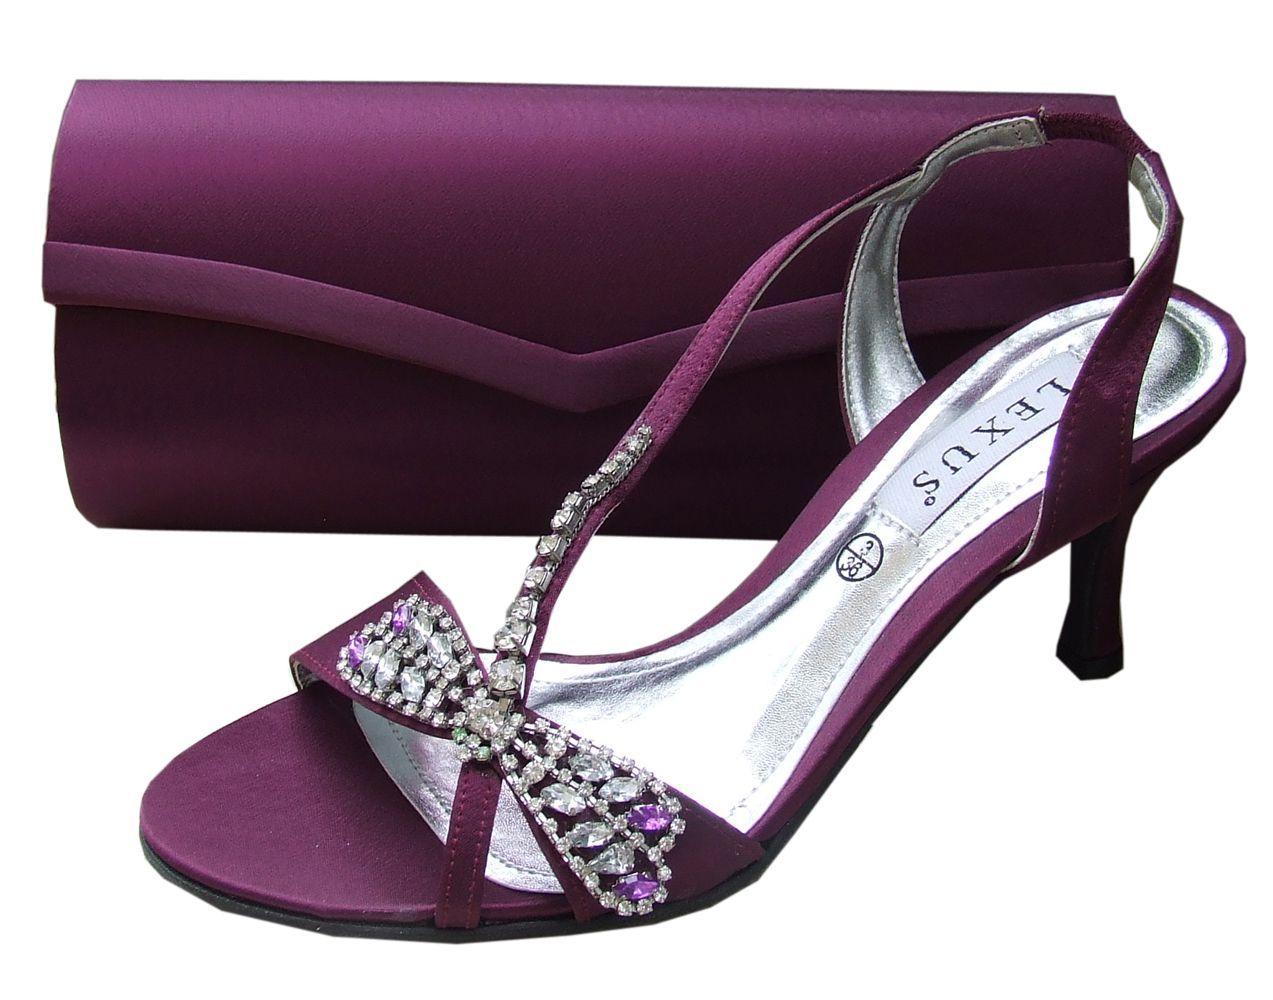 Lexus Caprice Plum Purple Evening Sandals shoes